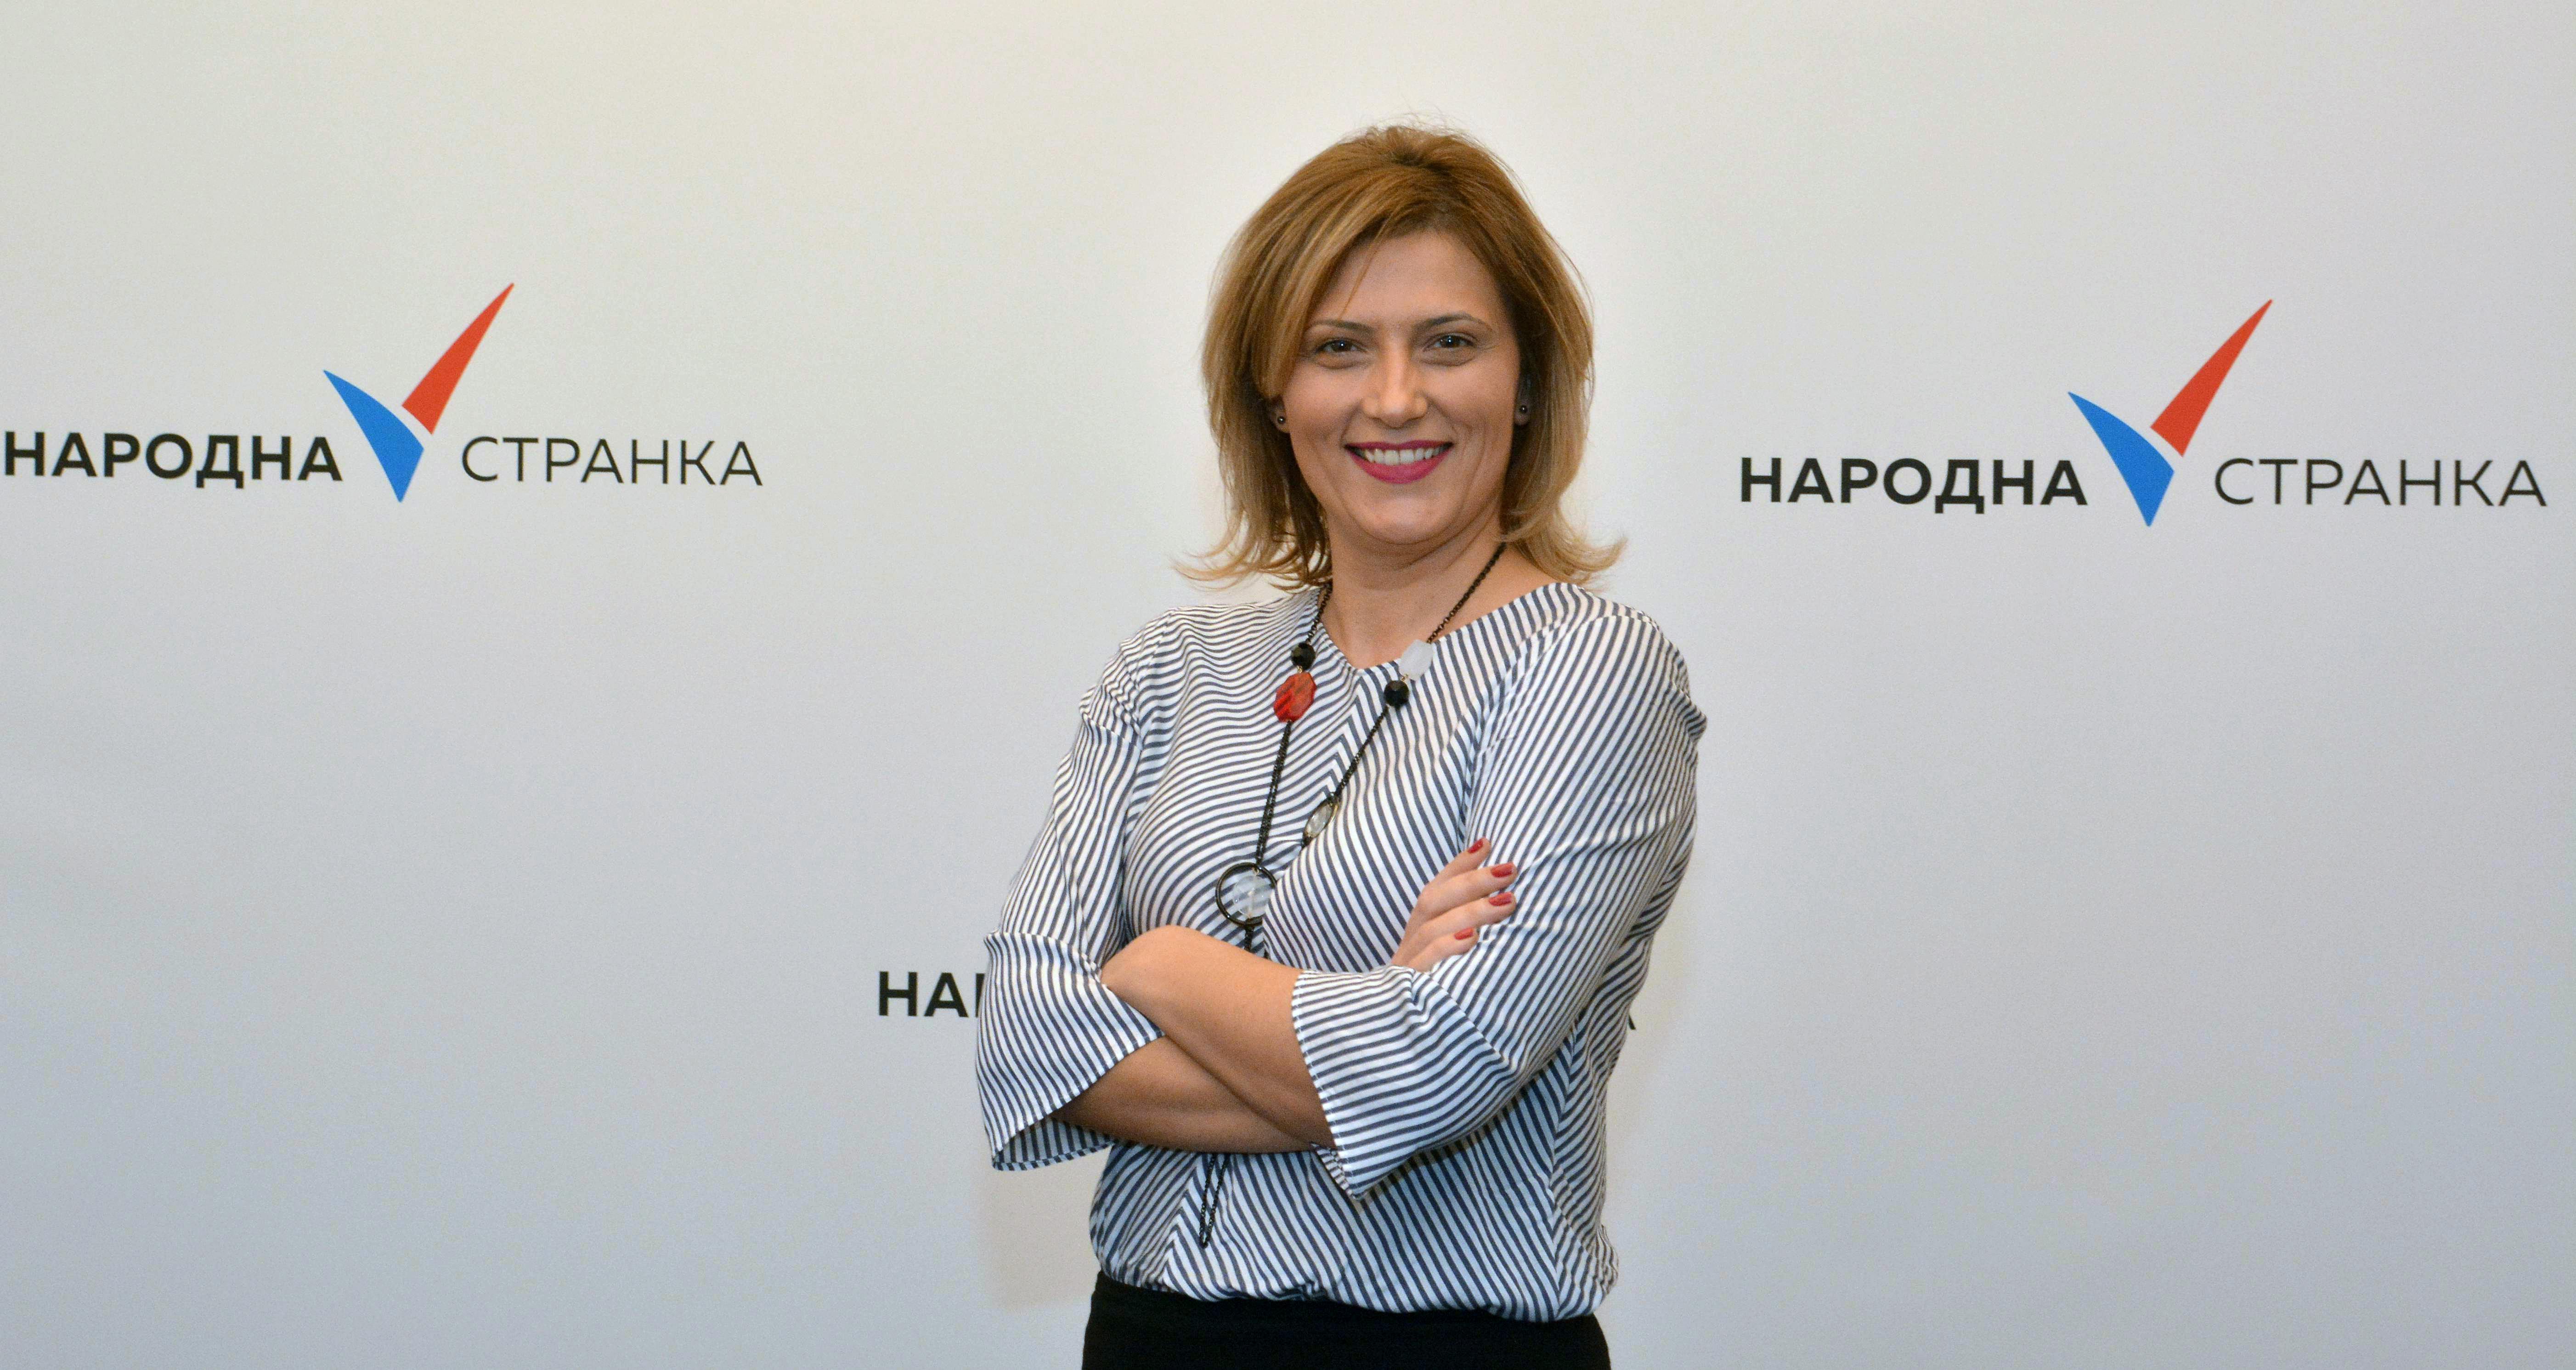 Марина Л. Танасковић: Неслагање са ССП-ом око принципијелних, а не техничких ствари